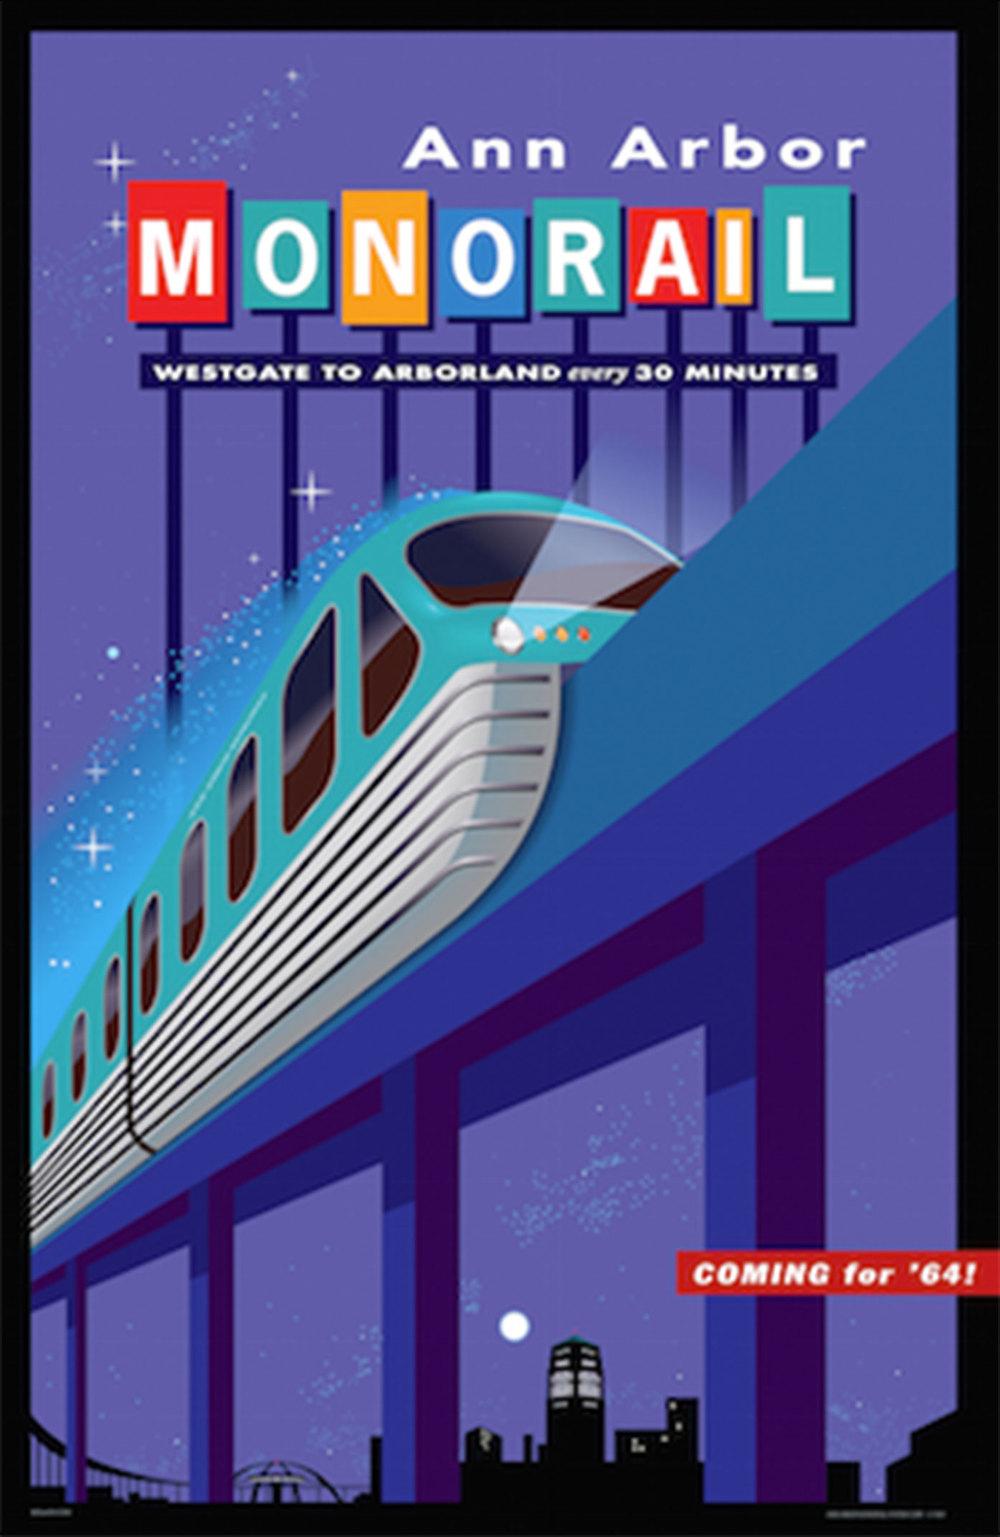 Ann Arbor Monorail Poster